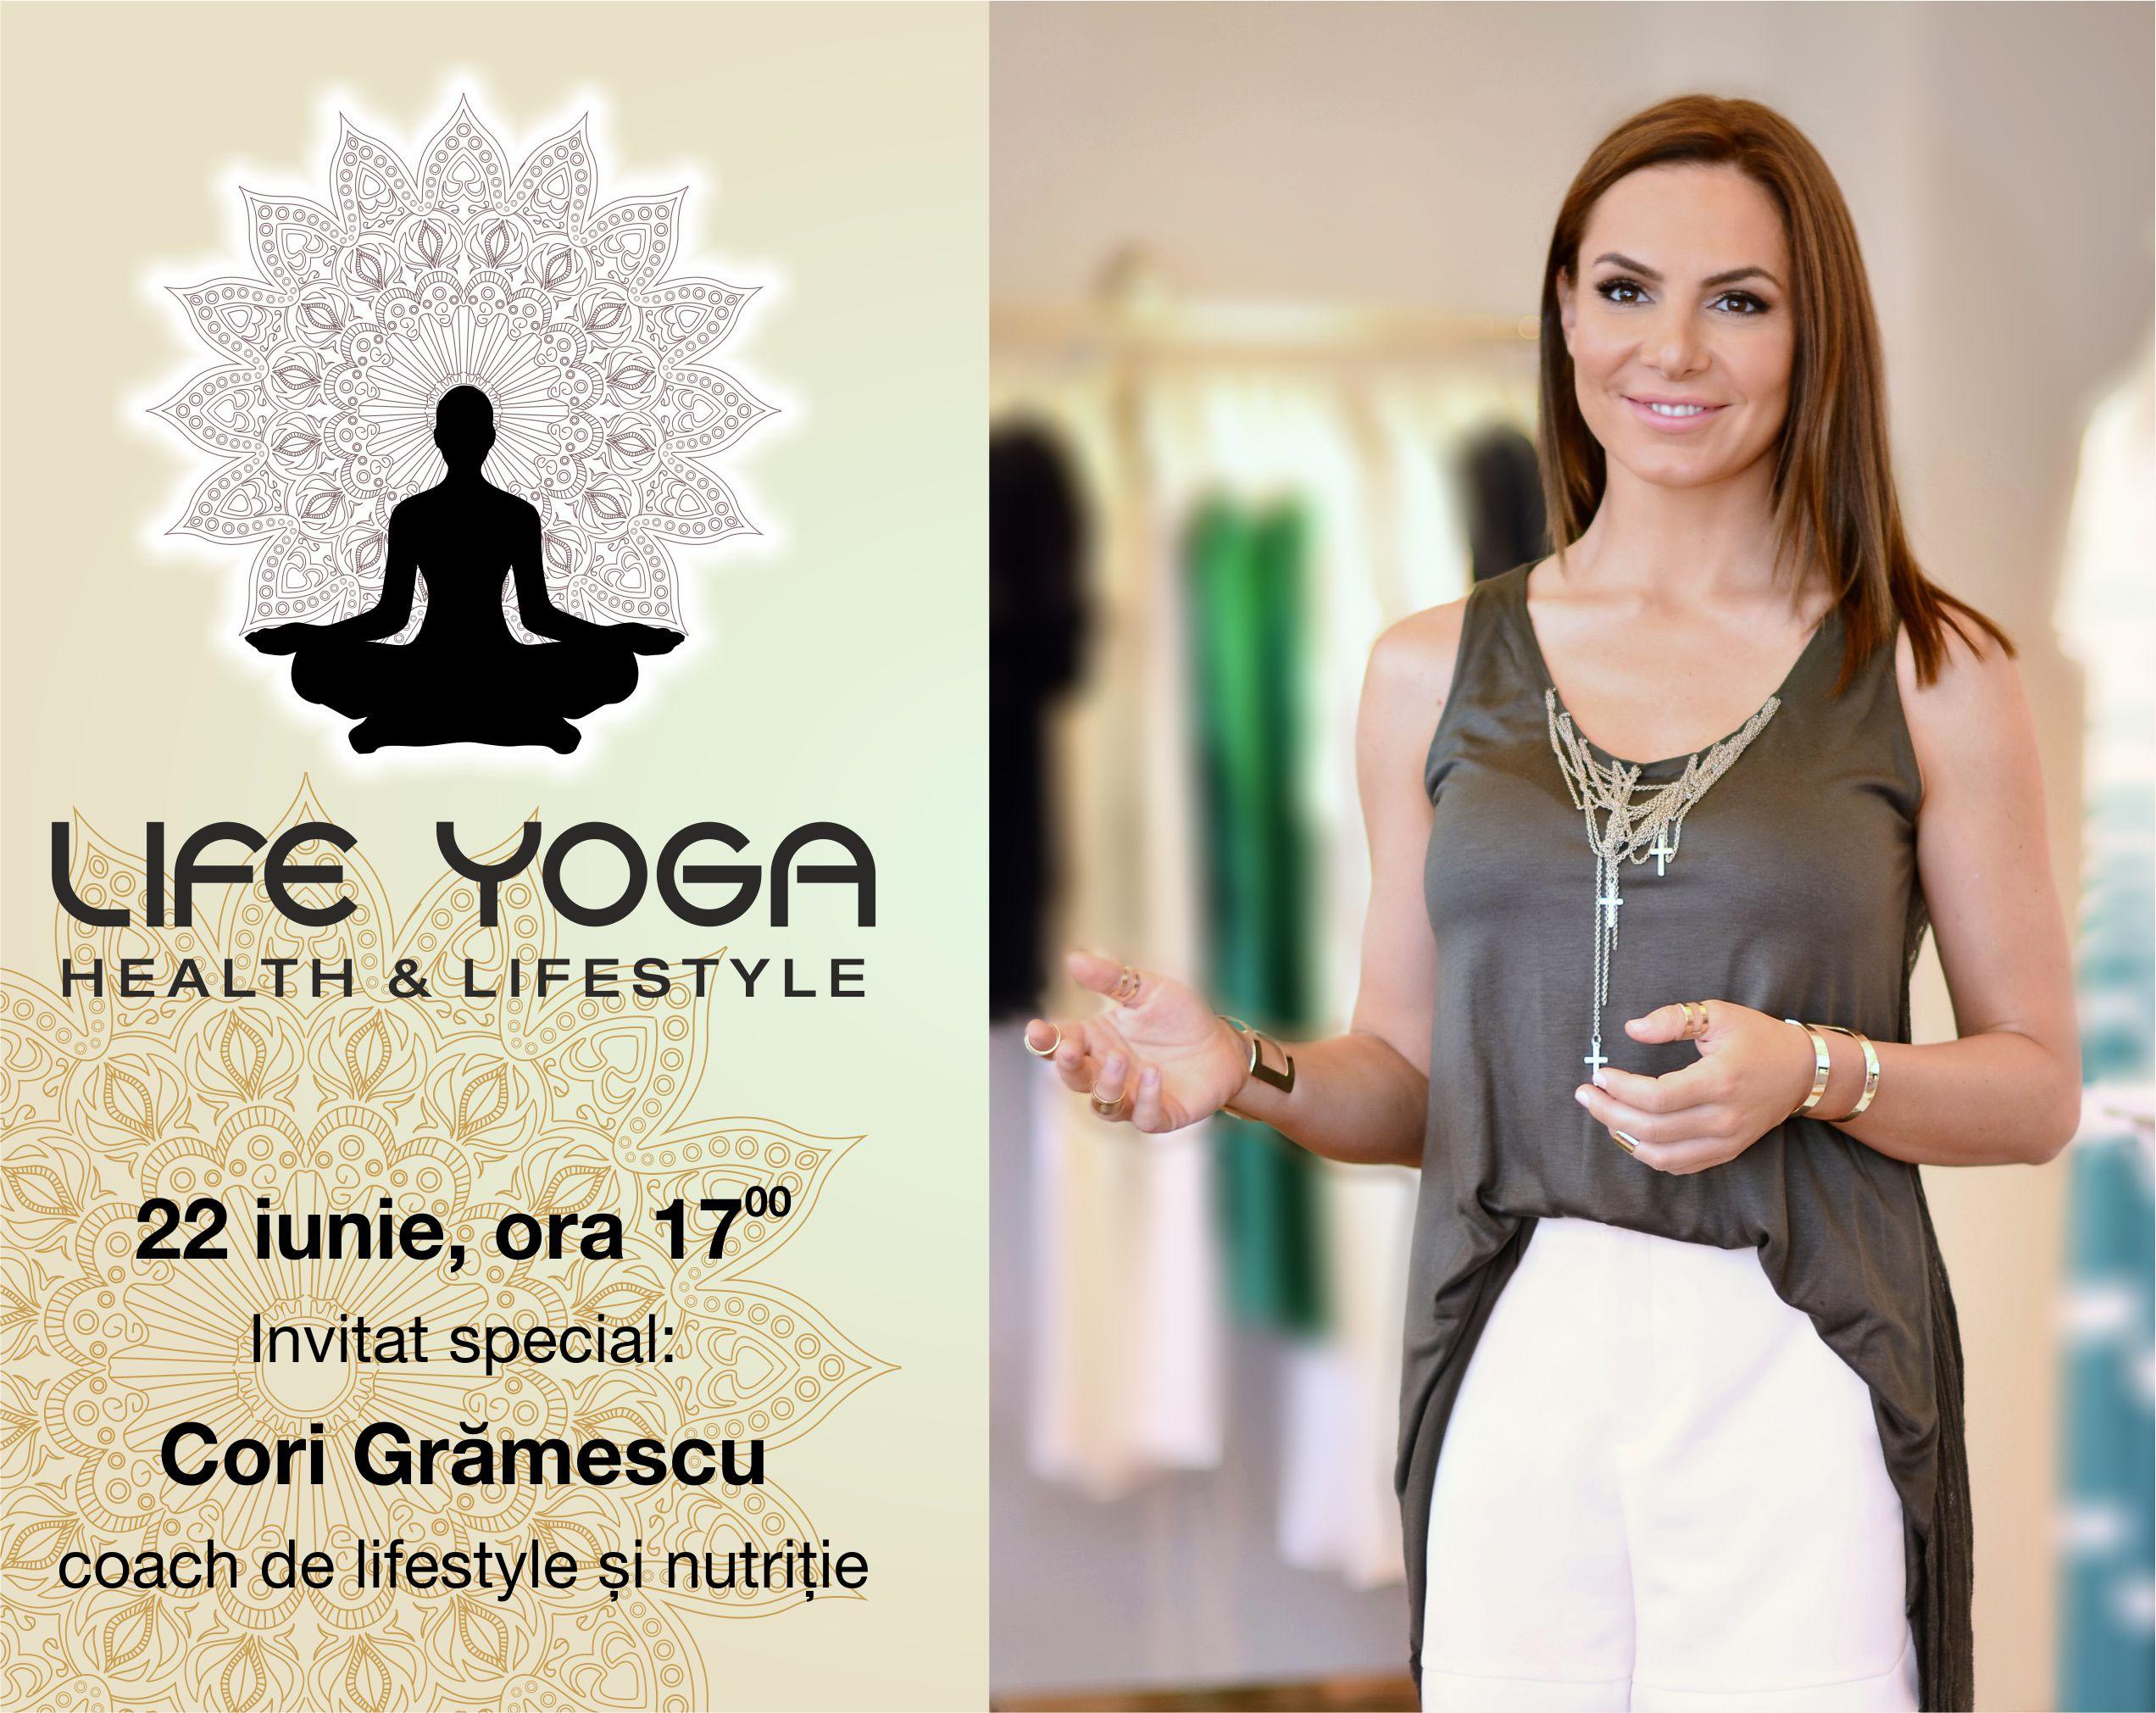 Life Yoga Center Ploiești, pentru o comunitate sănătoasă și armonioasă